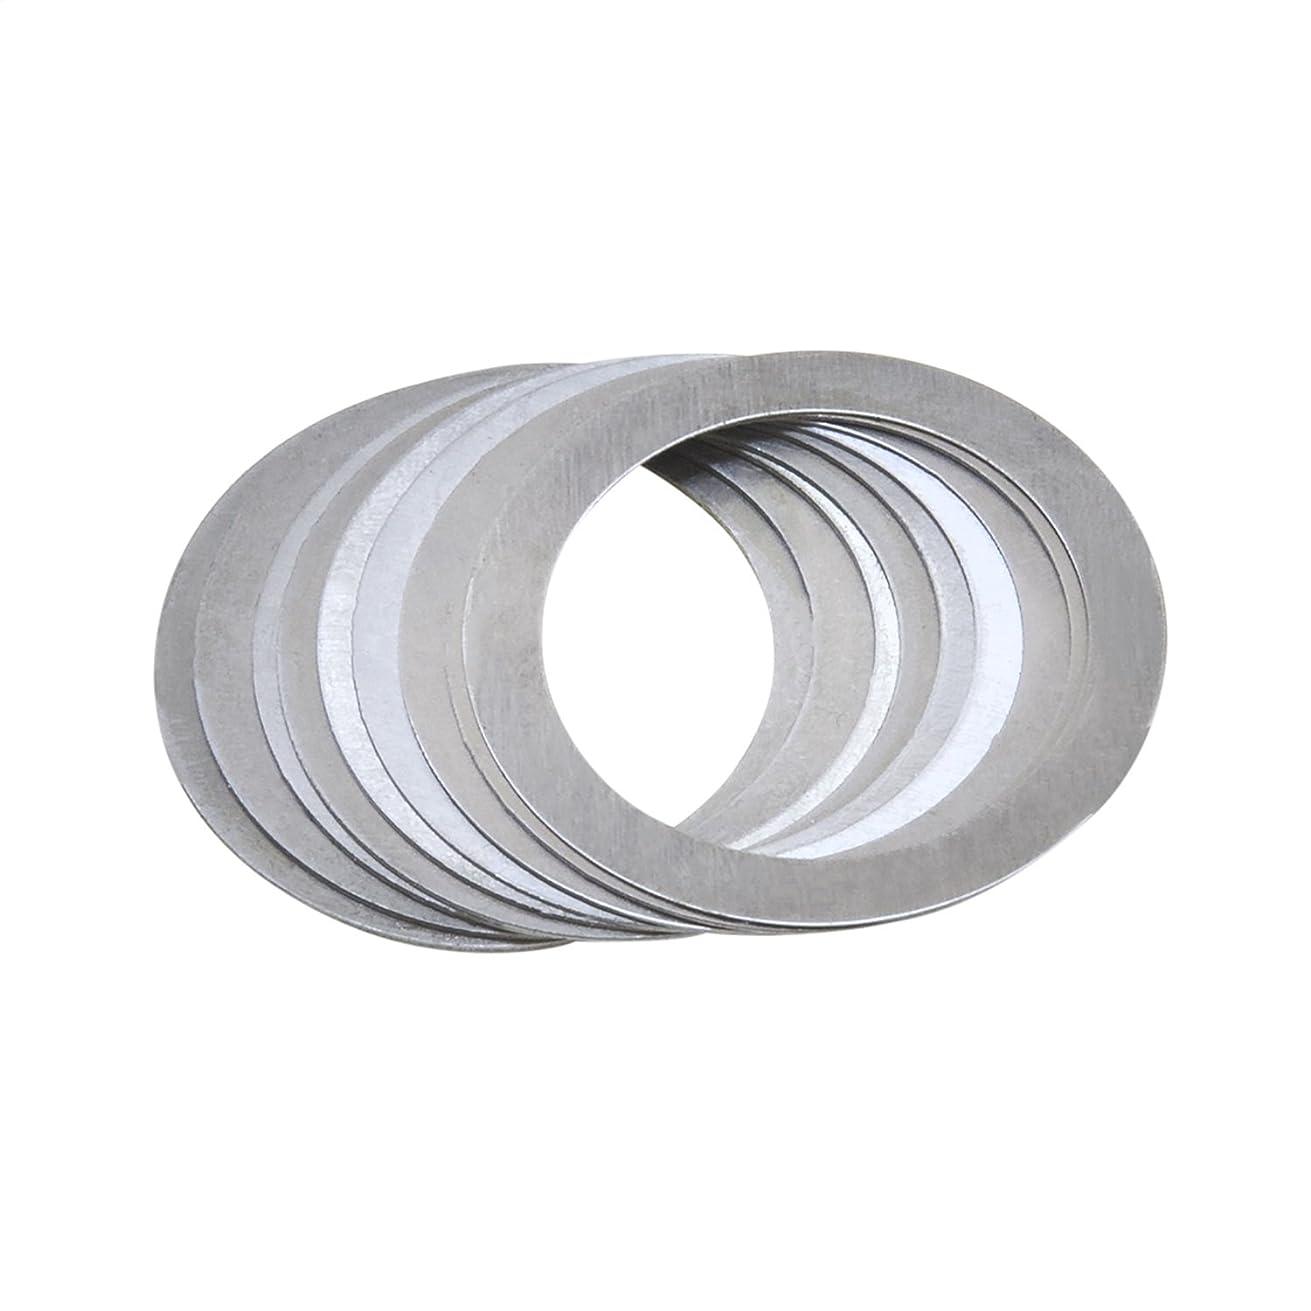 Yukon Gear & Axle (SK 34801) Replacement Pinion Preload Shim for Dana 60/61/70-U Differential